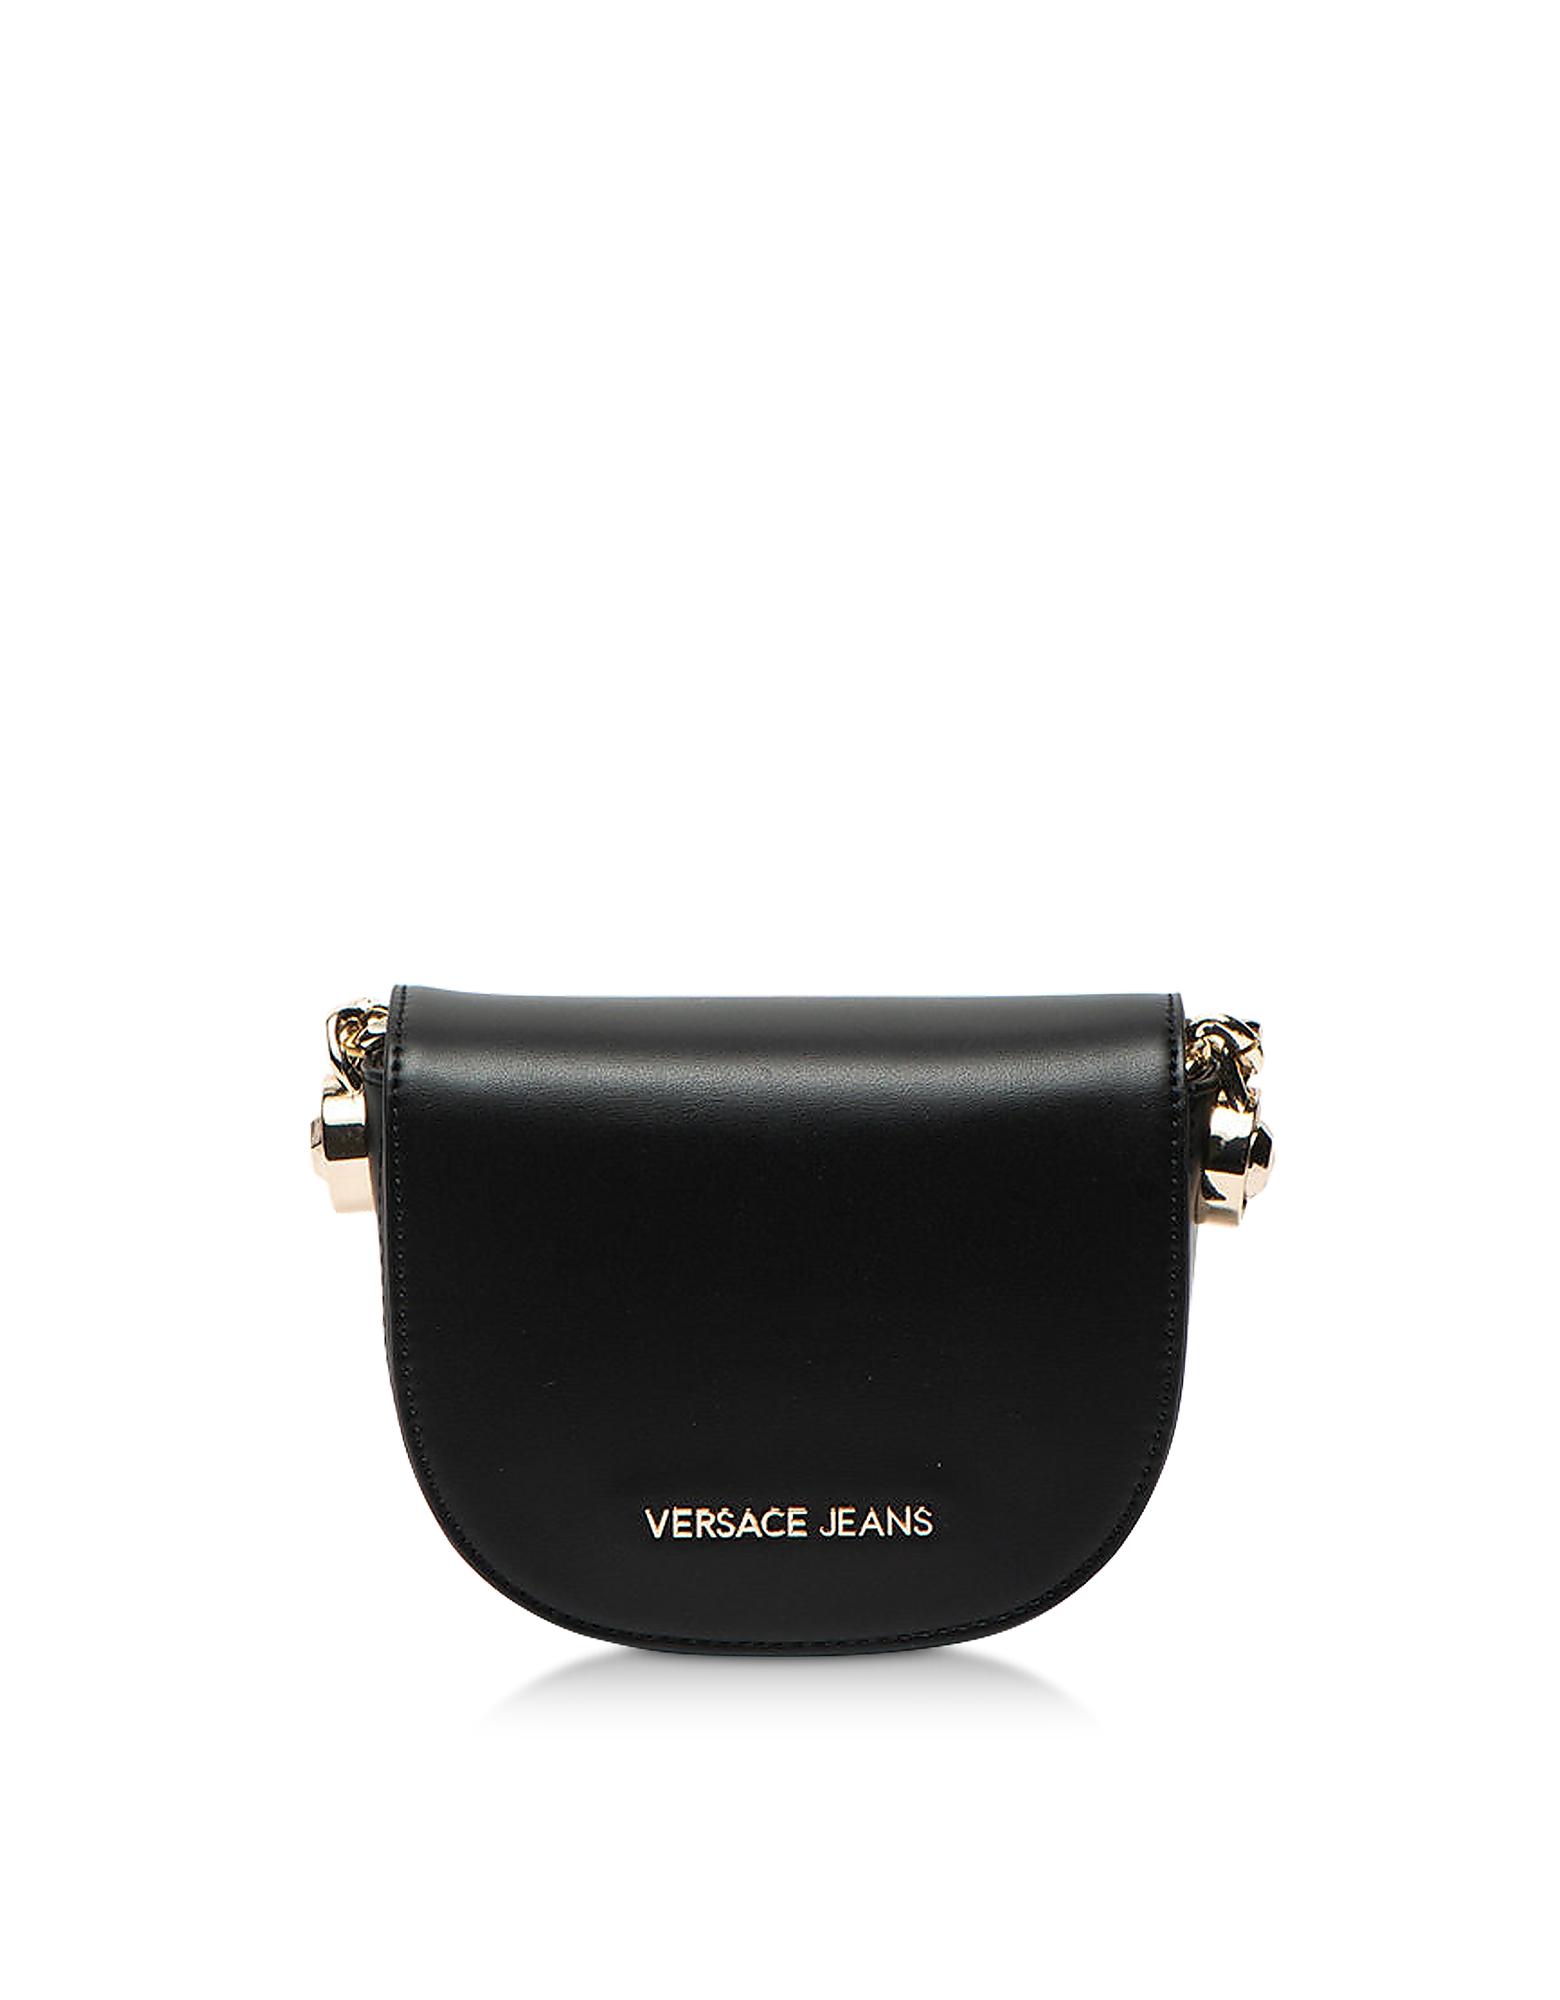 Versace Jeans Designer Handbags, 1 Dis. 14 Black Polyester Shoulder Bag